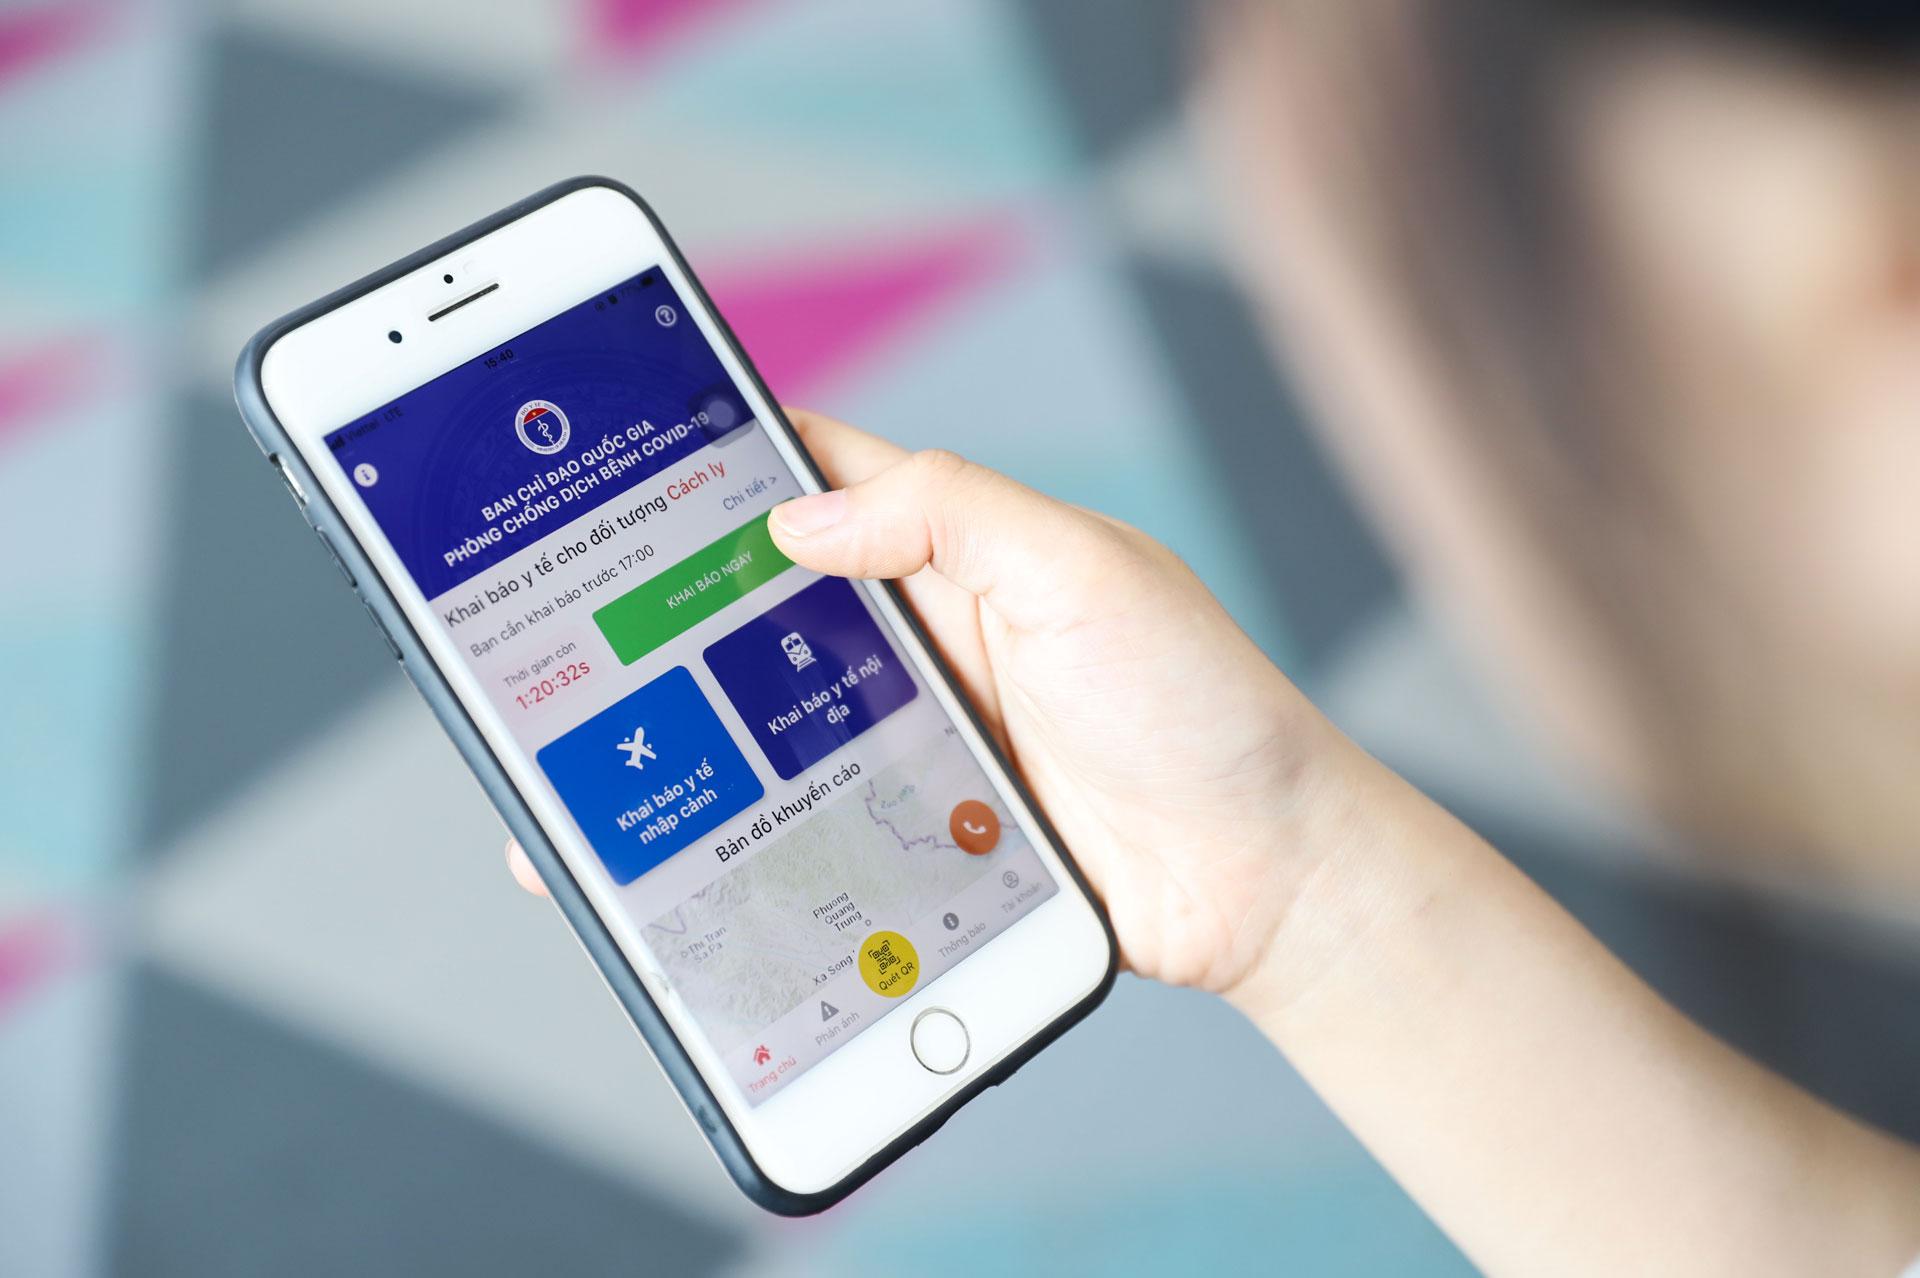 Màn hình chính của ứng dụng VHD sẽ đếm ngược thời gian thực hiện khai báo y tế tiếp theo cho người dùng. Ứng dụng cũng sẽ gửi thông báo nếu người dùng quên khai báo.